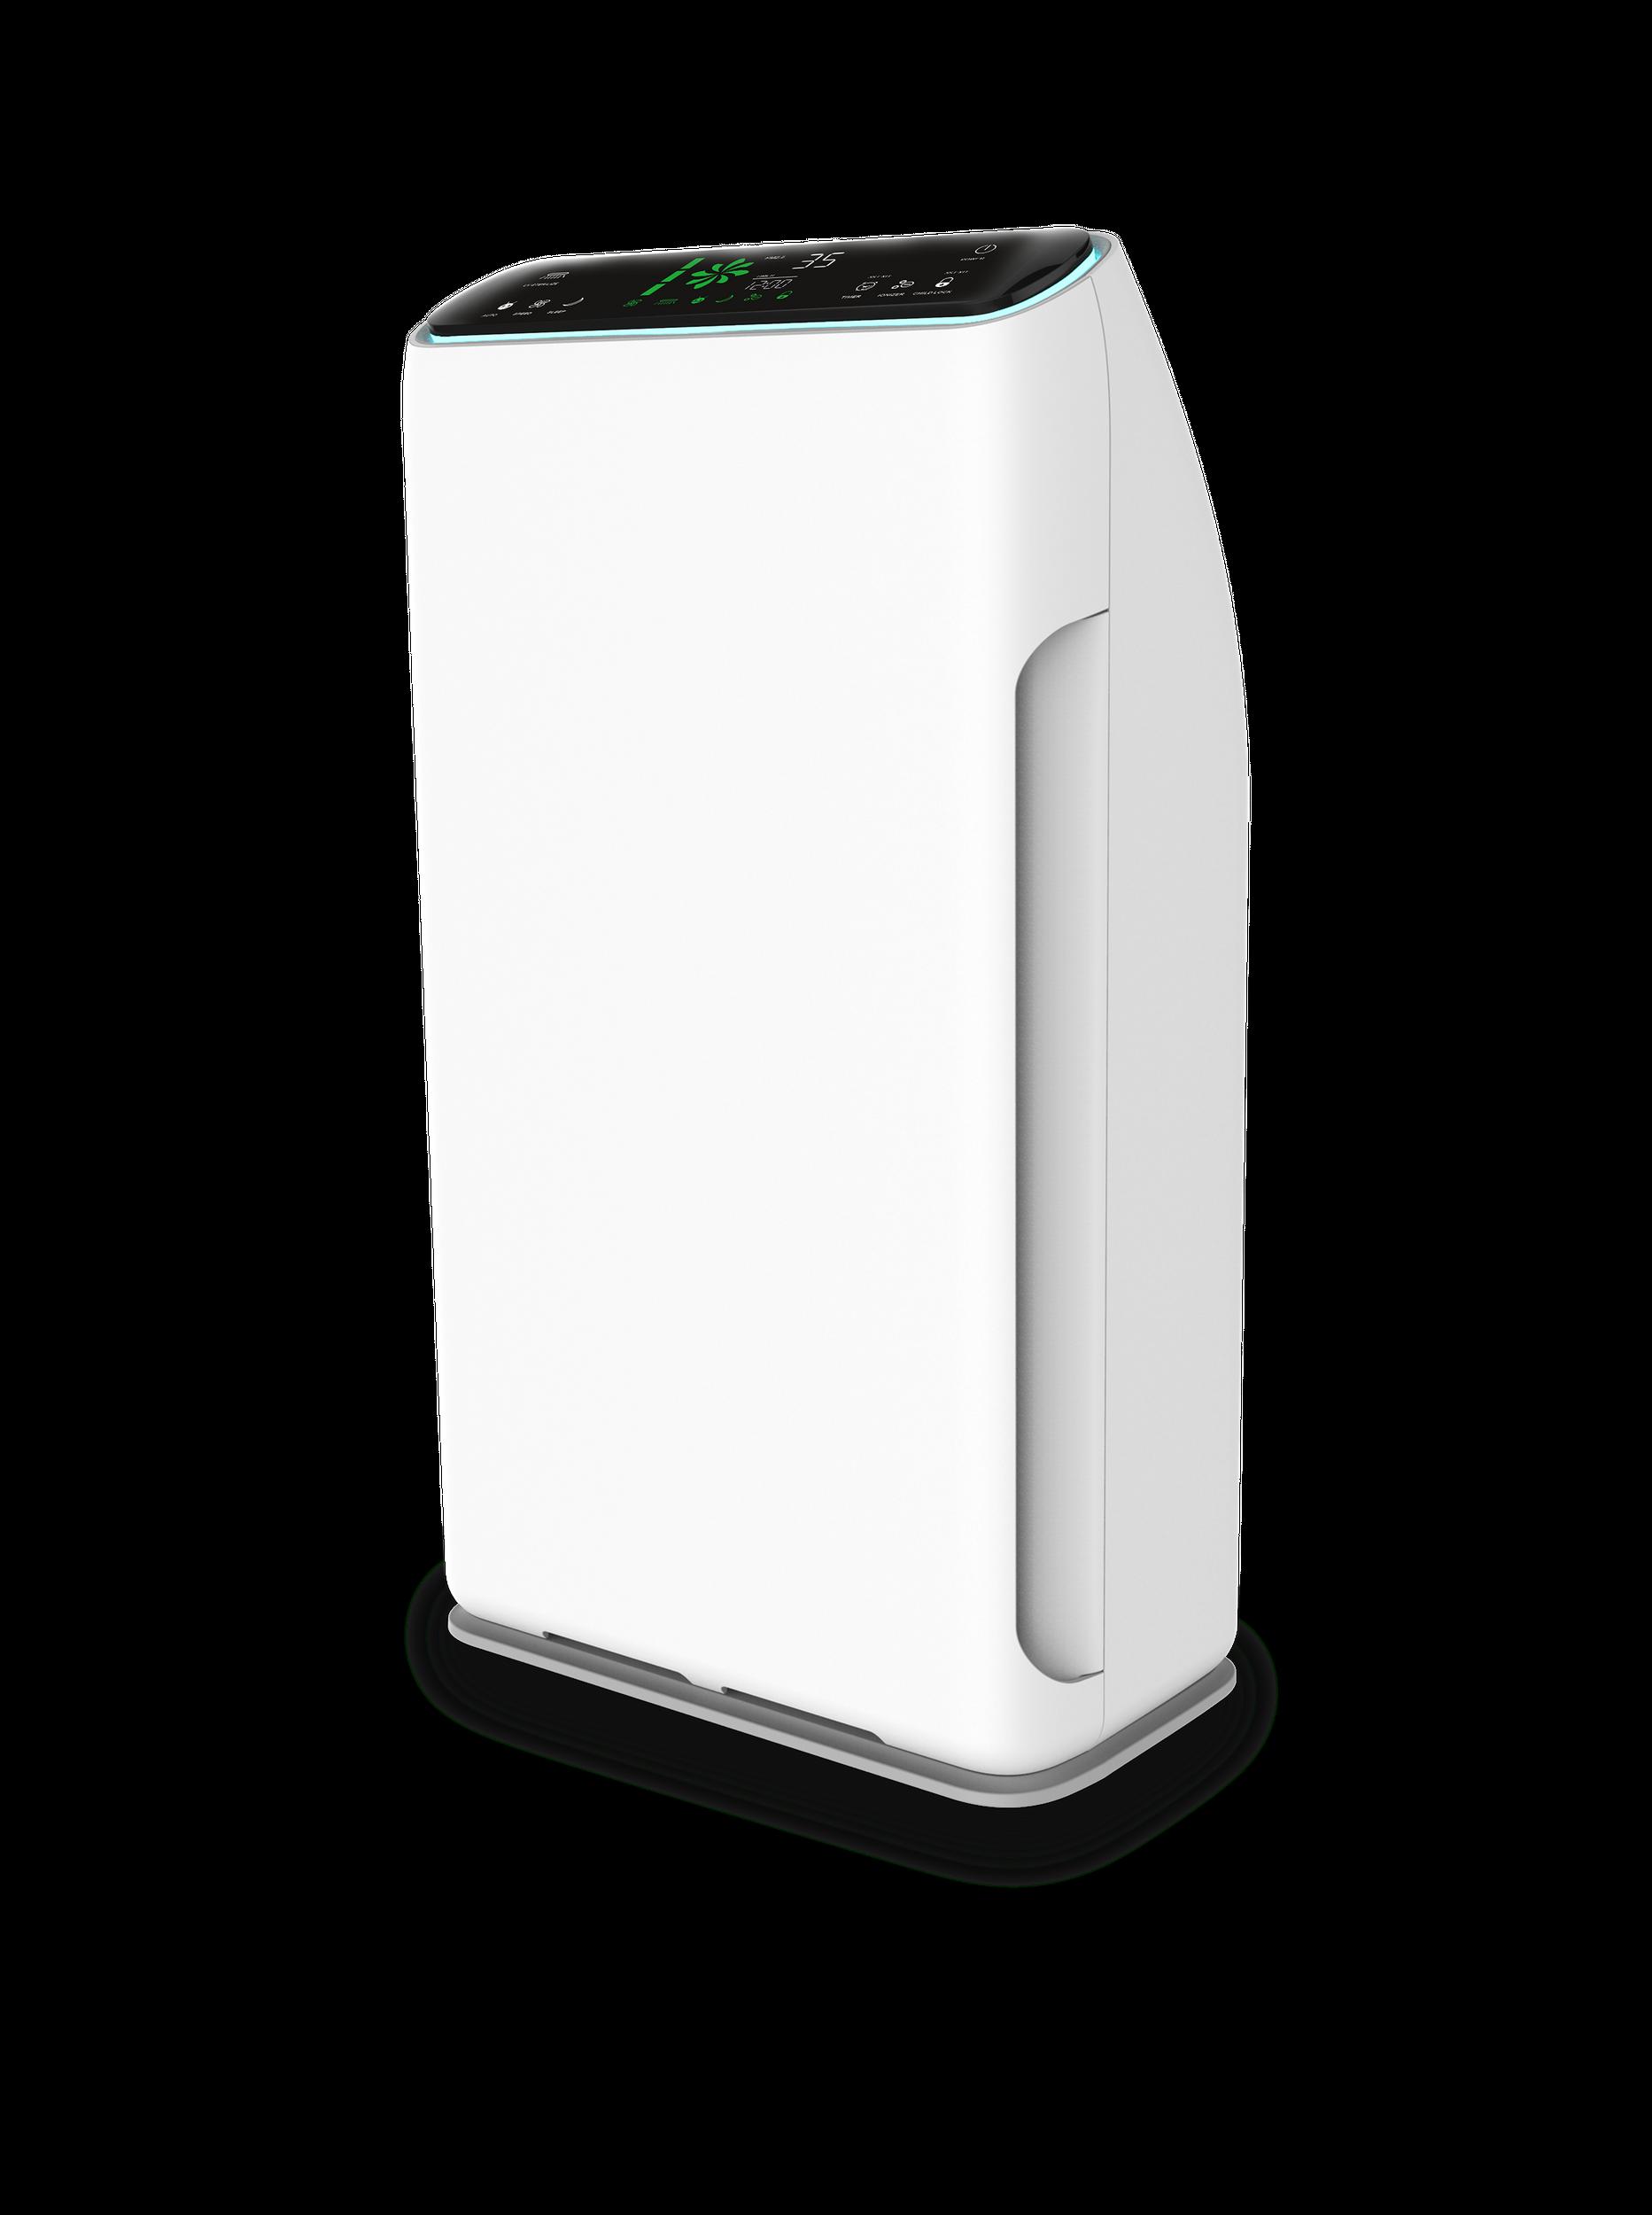 Luftreiniger Luft Wäsche Purifyer Allergie Sterilisator Ionisator Ionisierer UV NEU OVP*76698 Bild 2